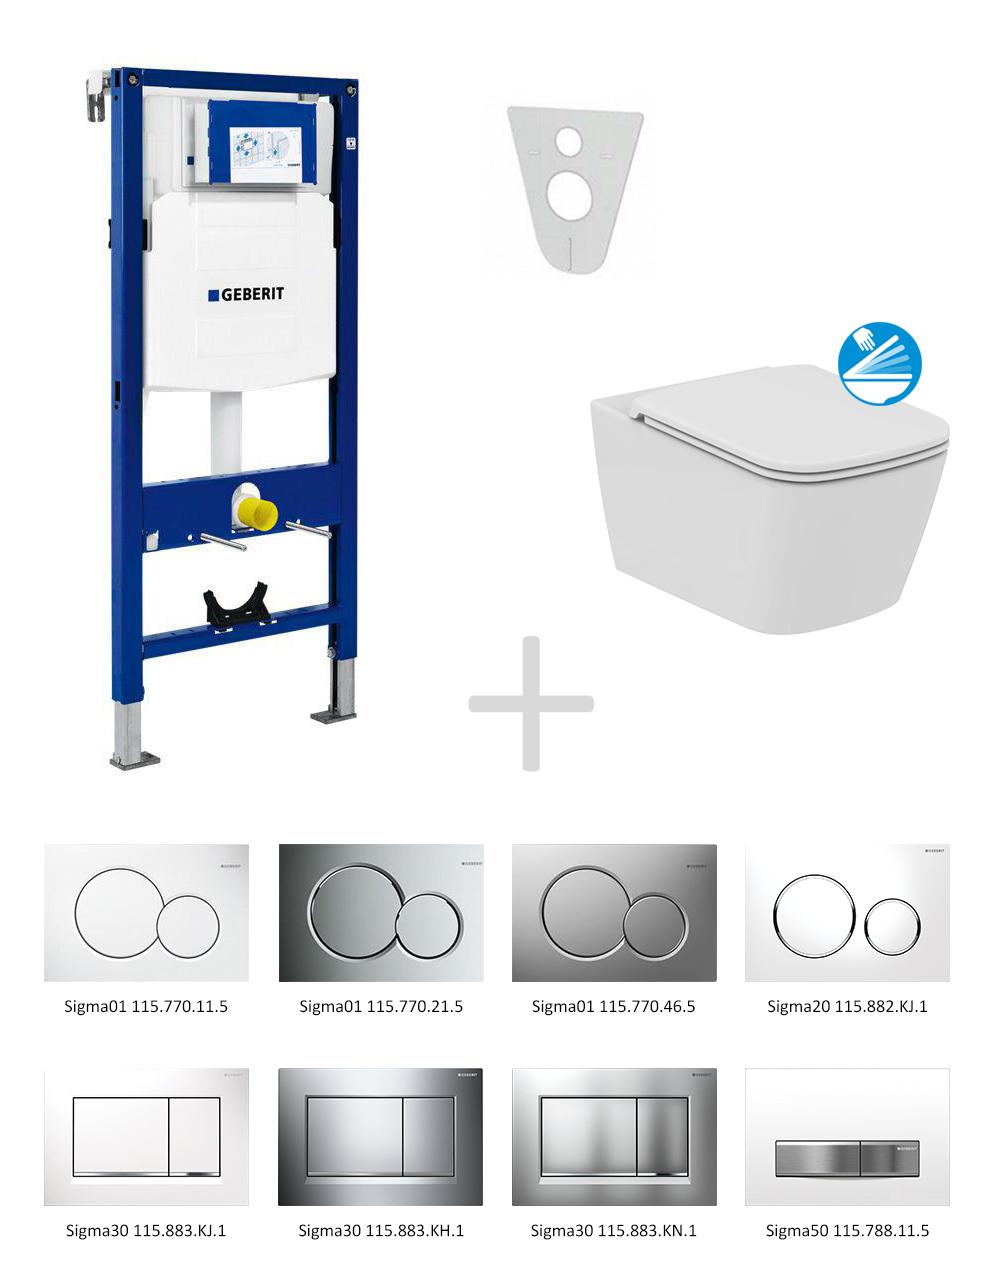 Geberit Duofix Sada pro závěsné WC 111.300.00.5 NG + klozet a sedátko Ideal Standard Mia - sada s tlačítkem Sigma01, bílé 111.300.00.5 NG1